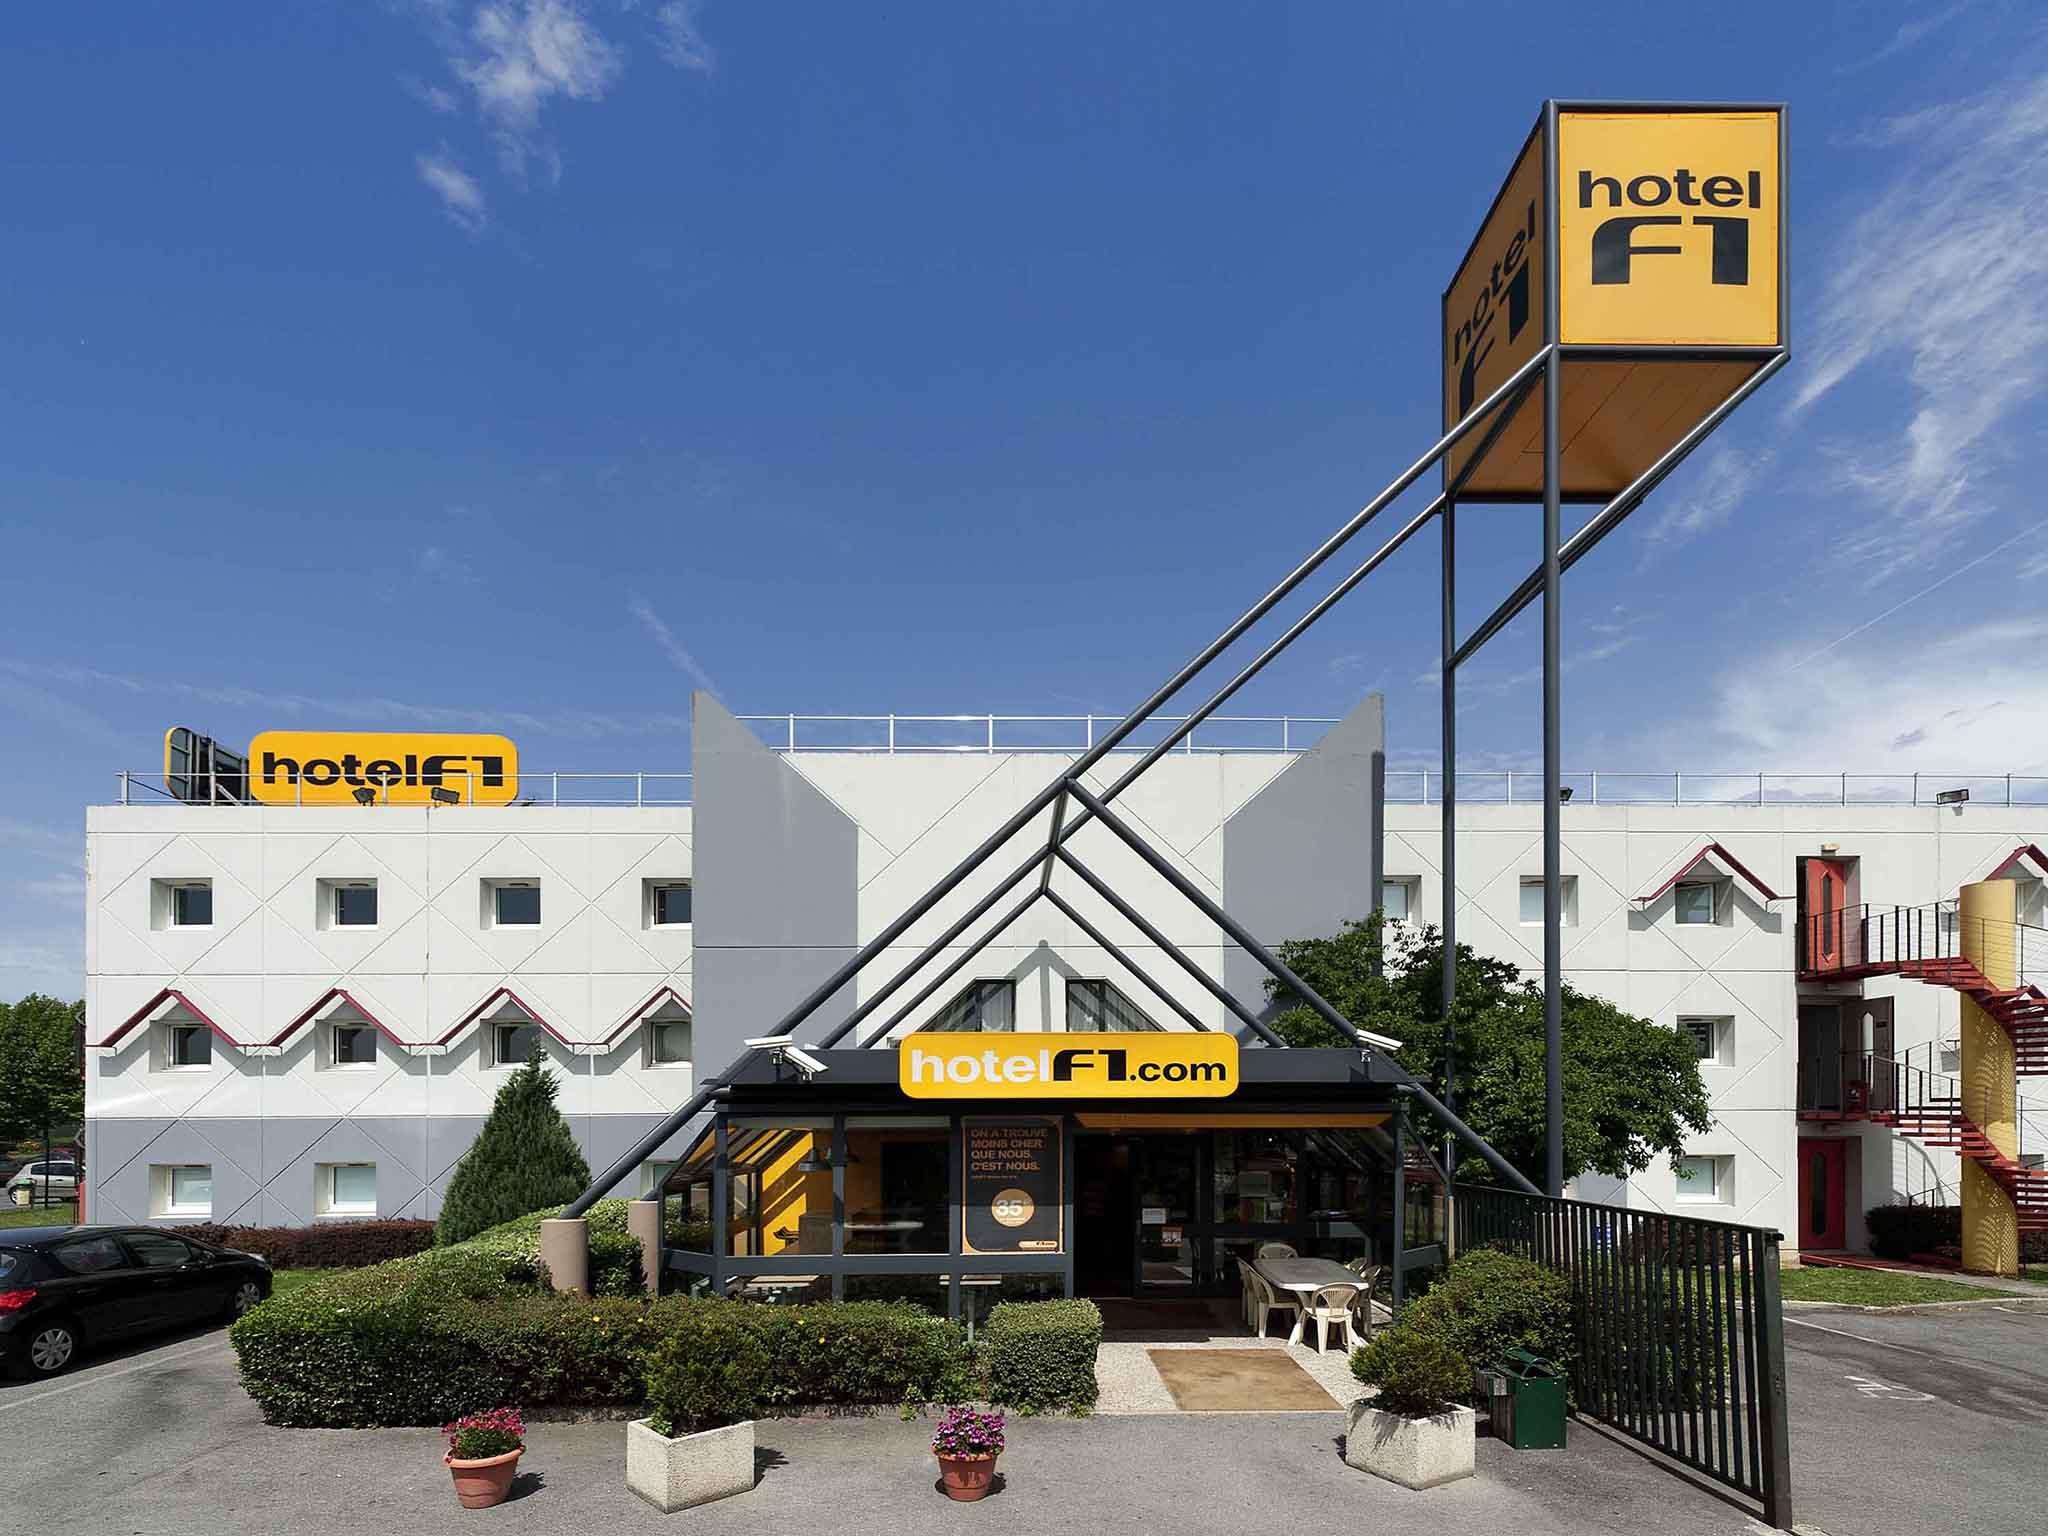 Hôtel - hotelF1 Sochaux Montbéliard